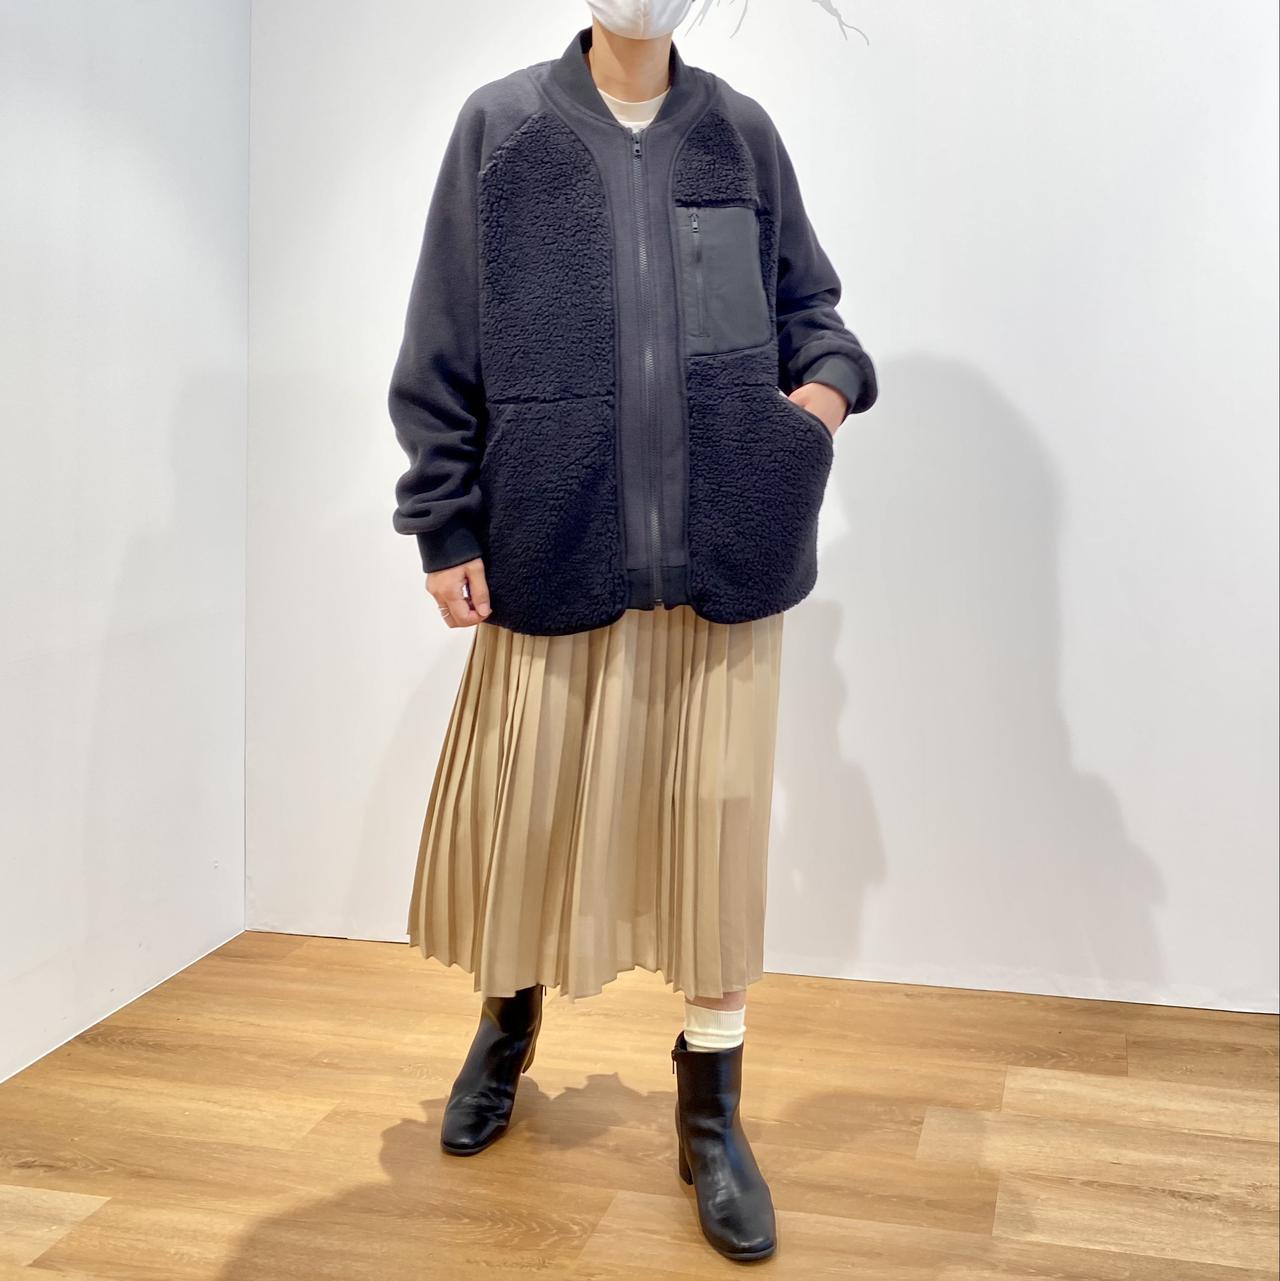 画像1: フリースオーバーサイズジャケット¥4,990/ユニクロ(ユニクロ アンド ホワイトマウンテニアリング) 出典:fashion trend news